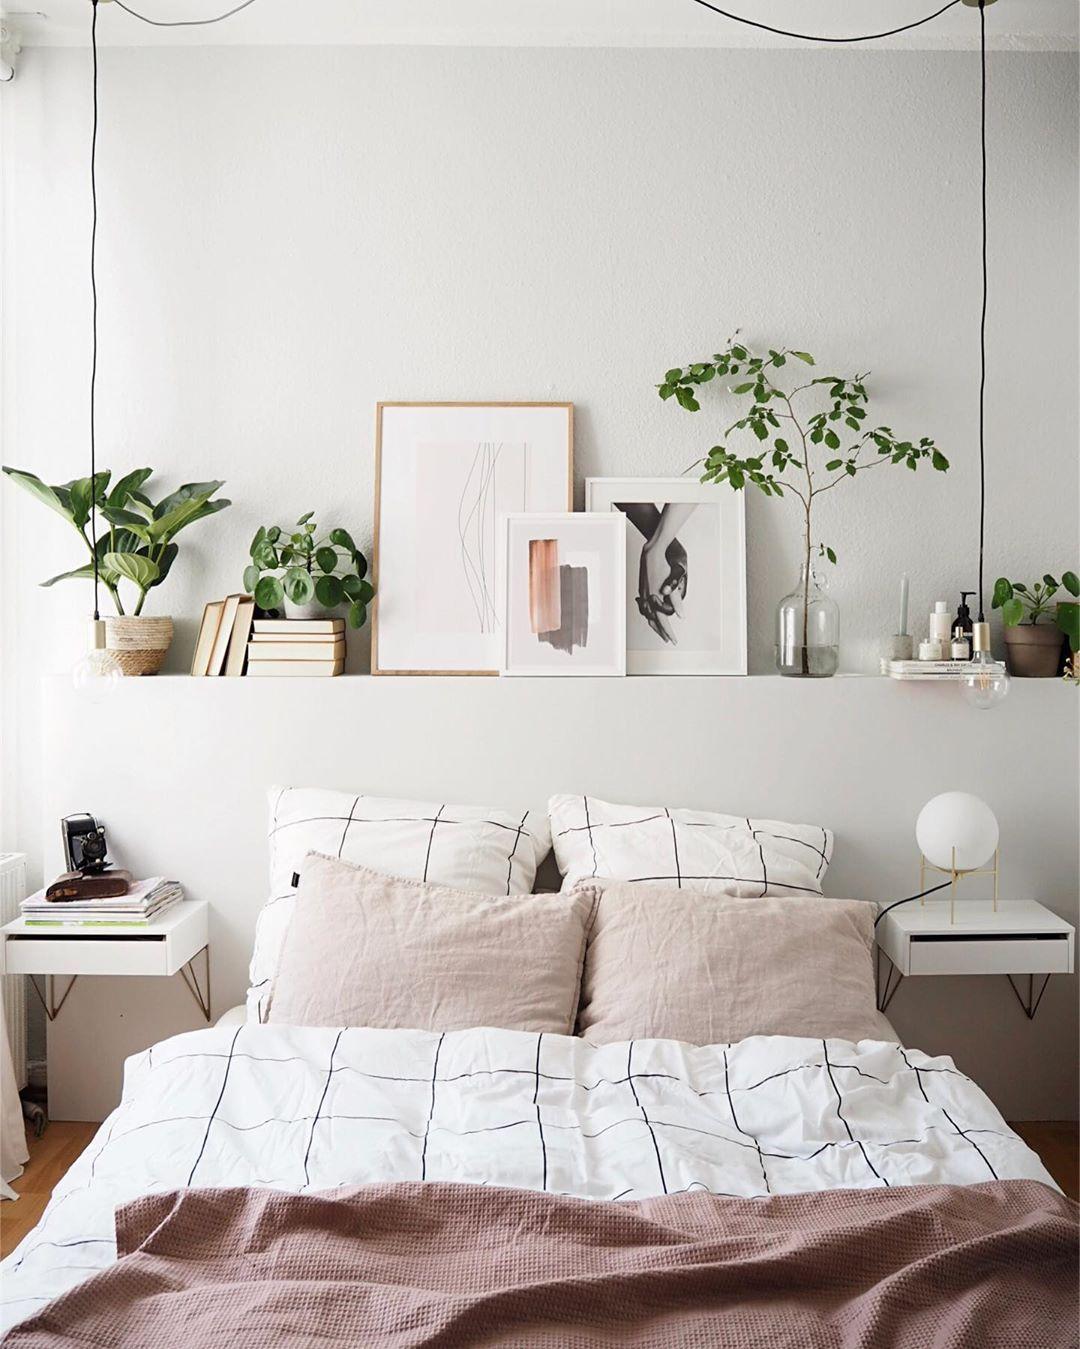 Bild könnte enthalten Pflanze, Schlafzimmer und